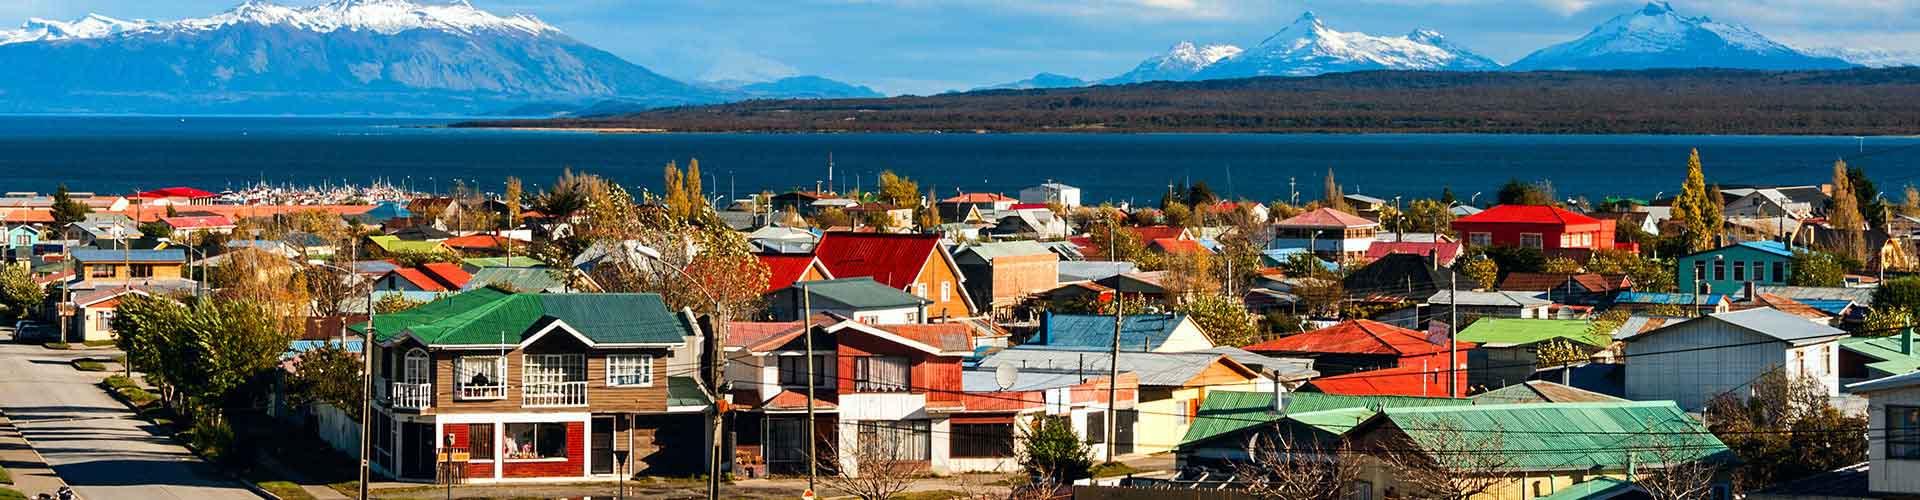 Puerto Natales - Hostales en Puerto Natales. Mapas de Puerto Natales, Fotos y comentarios de cada Hostal en Puerto Natales.